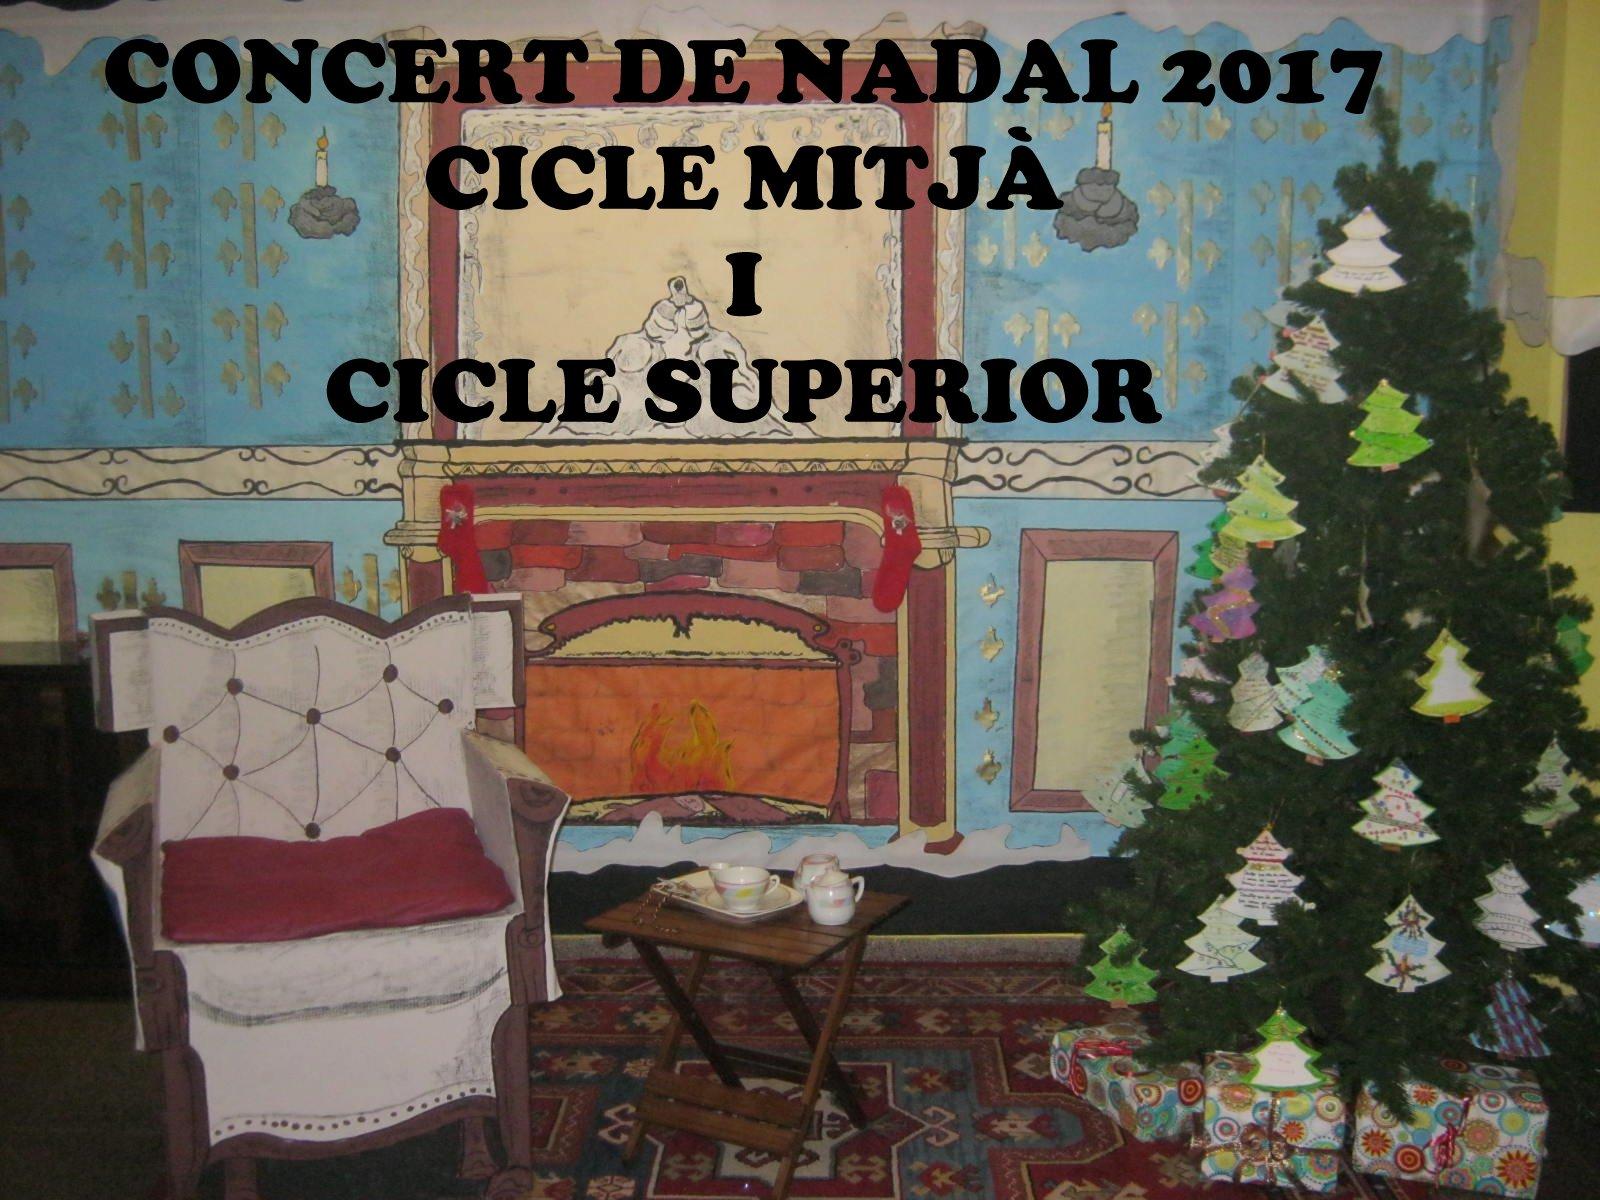 Concert de Nadal 2017. Cicle mitjà i superior